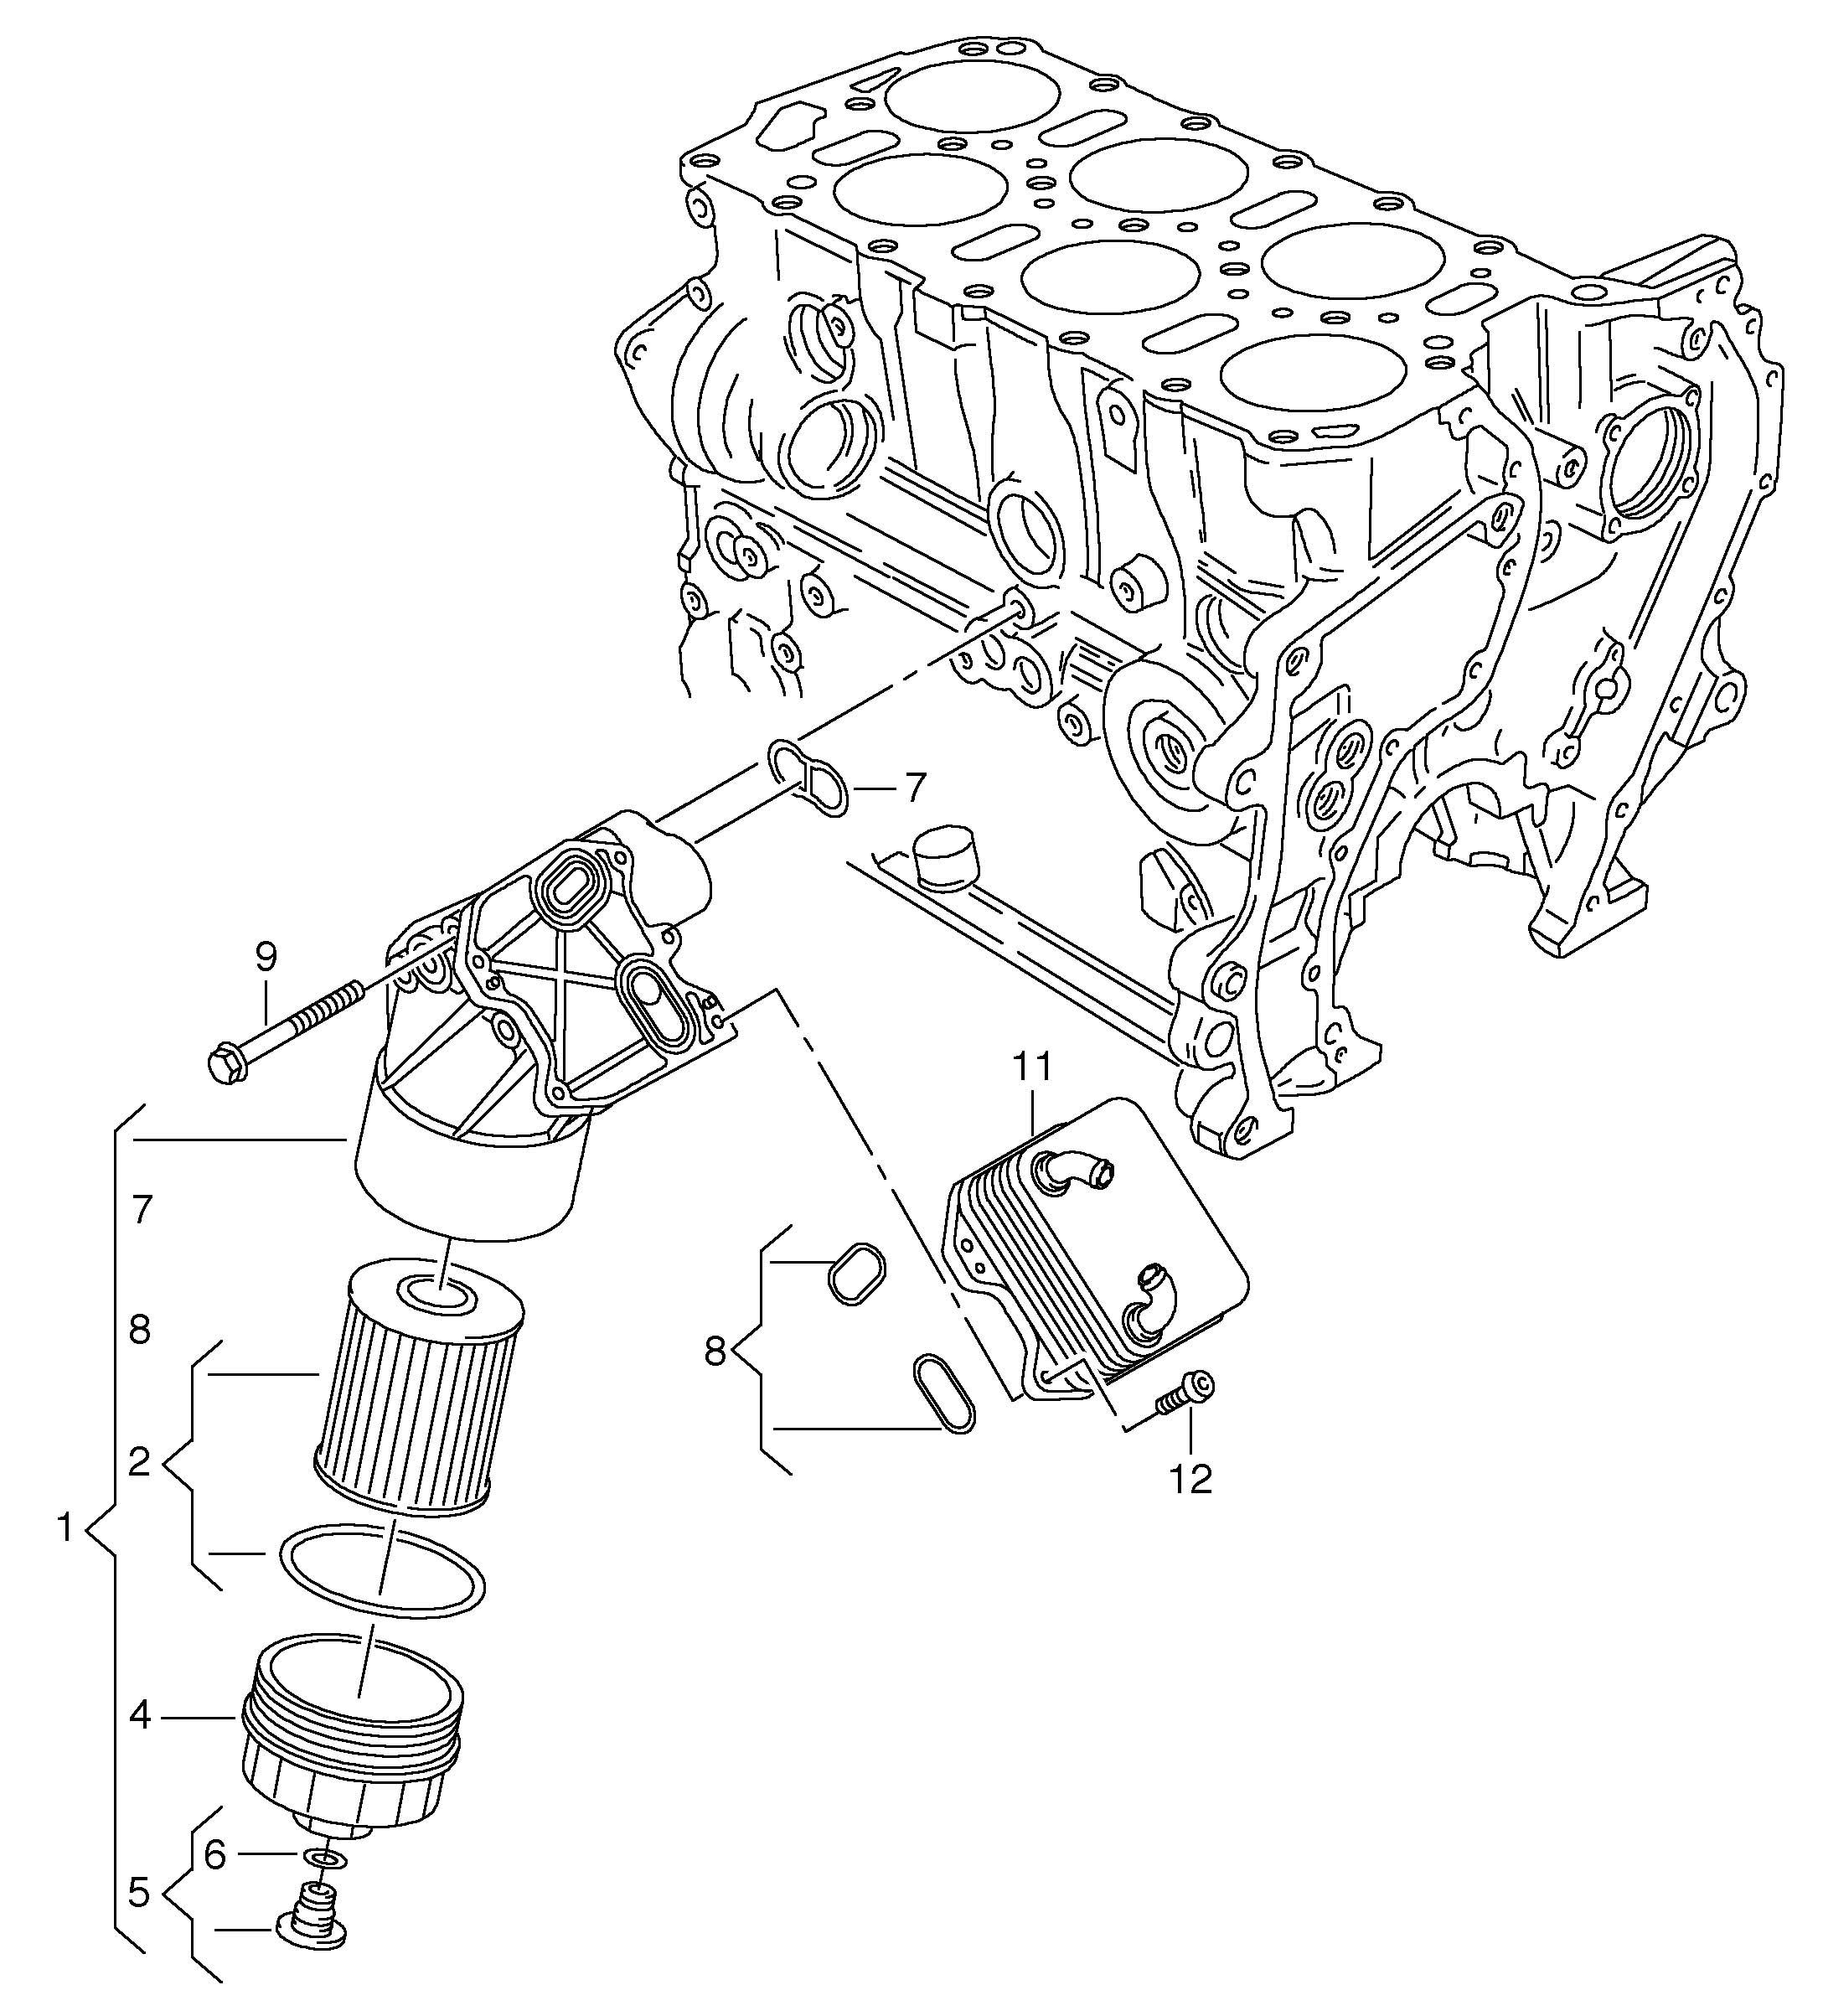 2011 Volkswagen (VW) Oil filter oil cooler 3.6ltr.